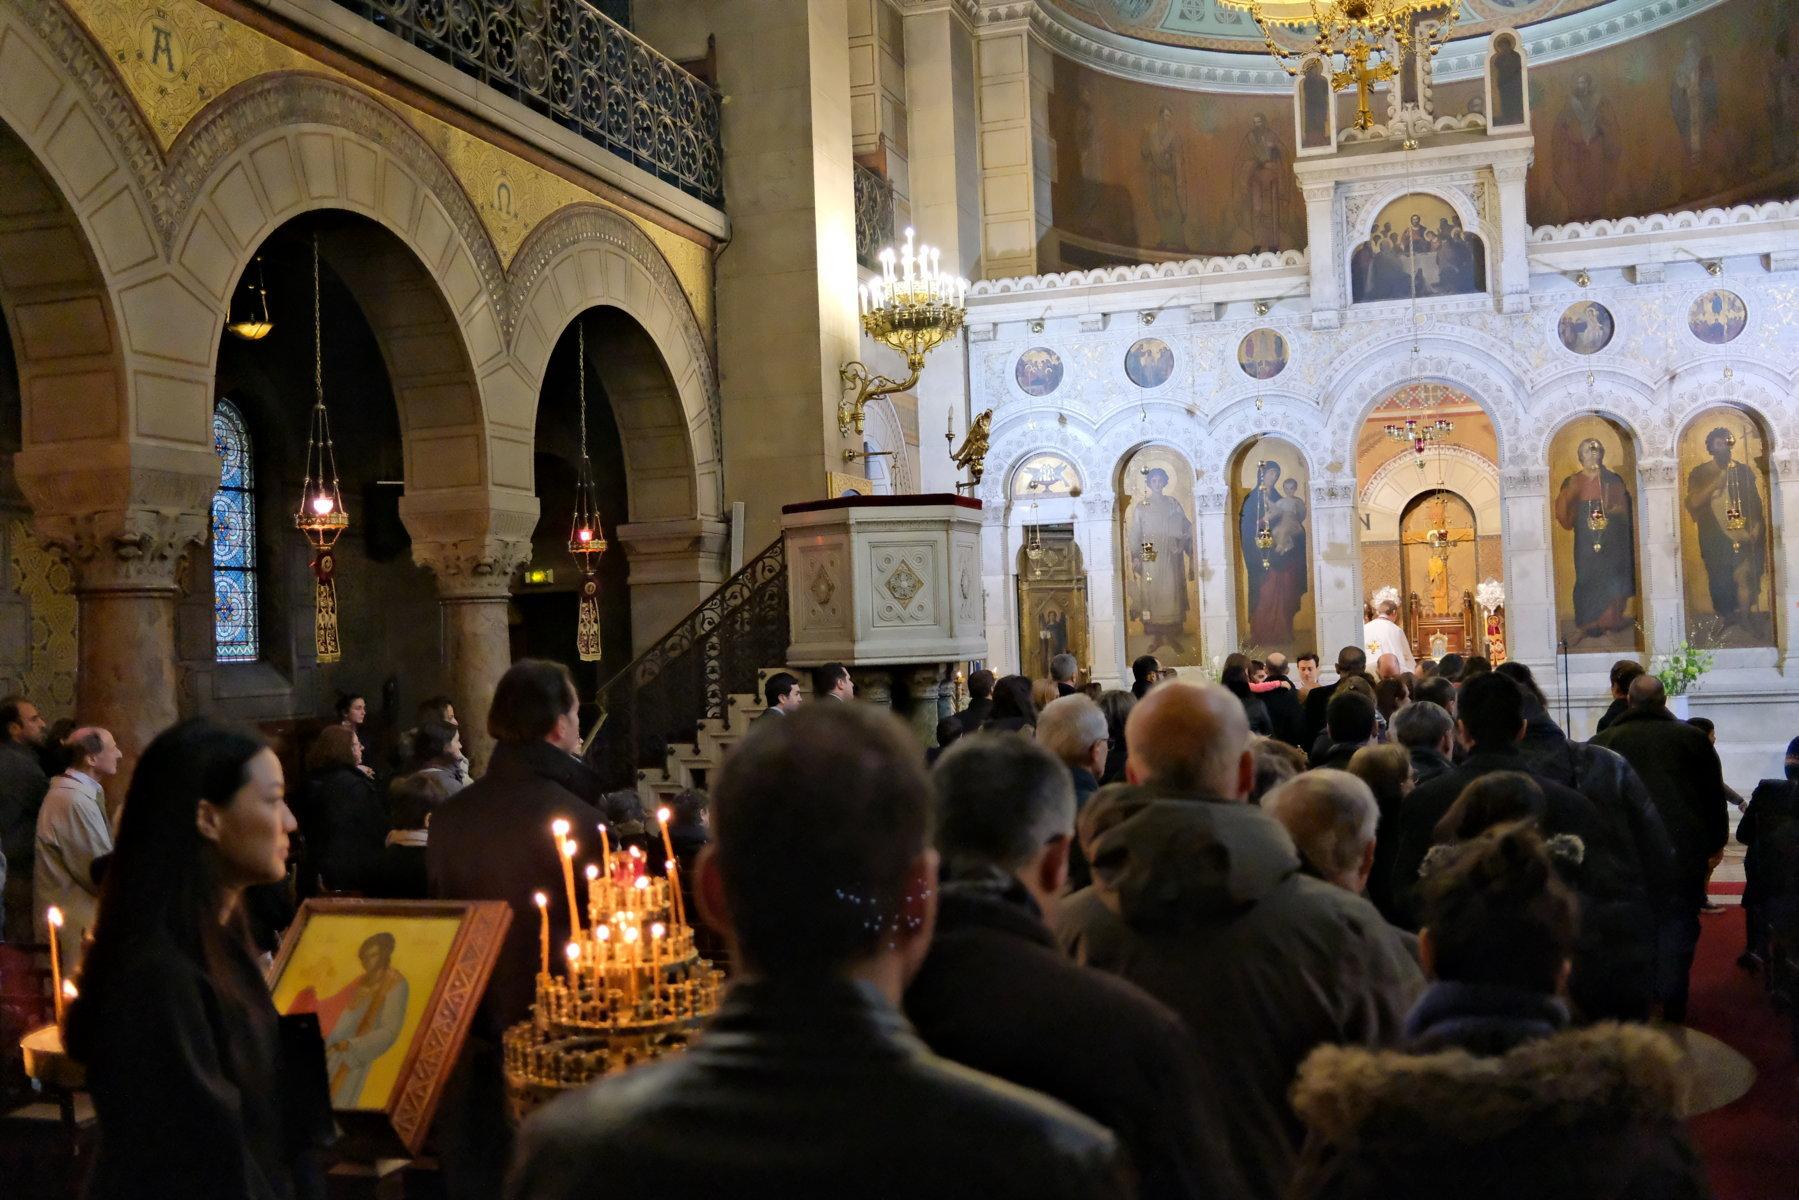 DSCF5569  - Κυριακή της Ορθοδοξίας στο Παρίσι (φωτο)